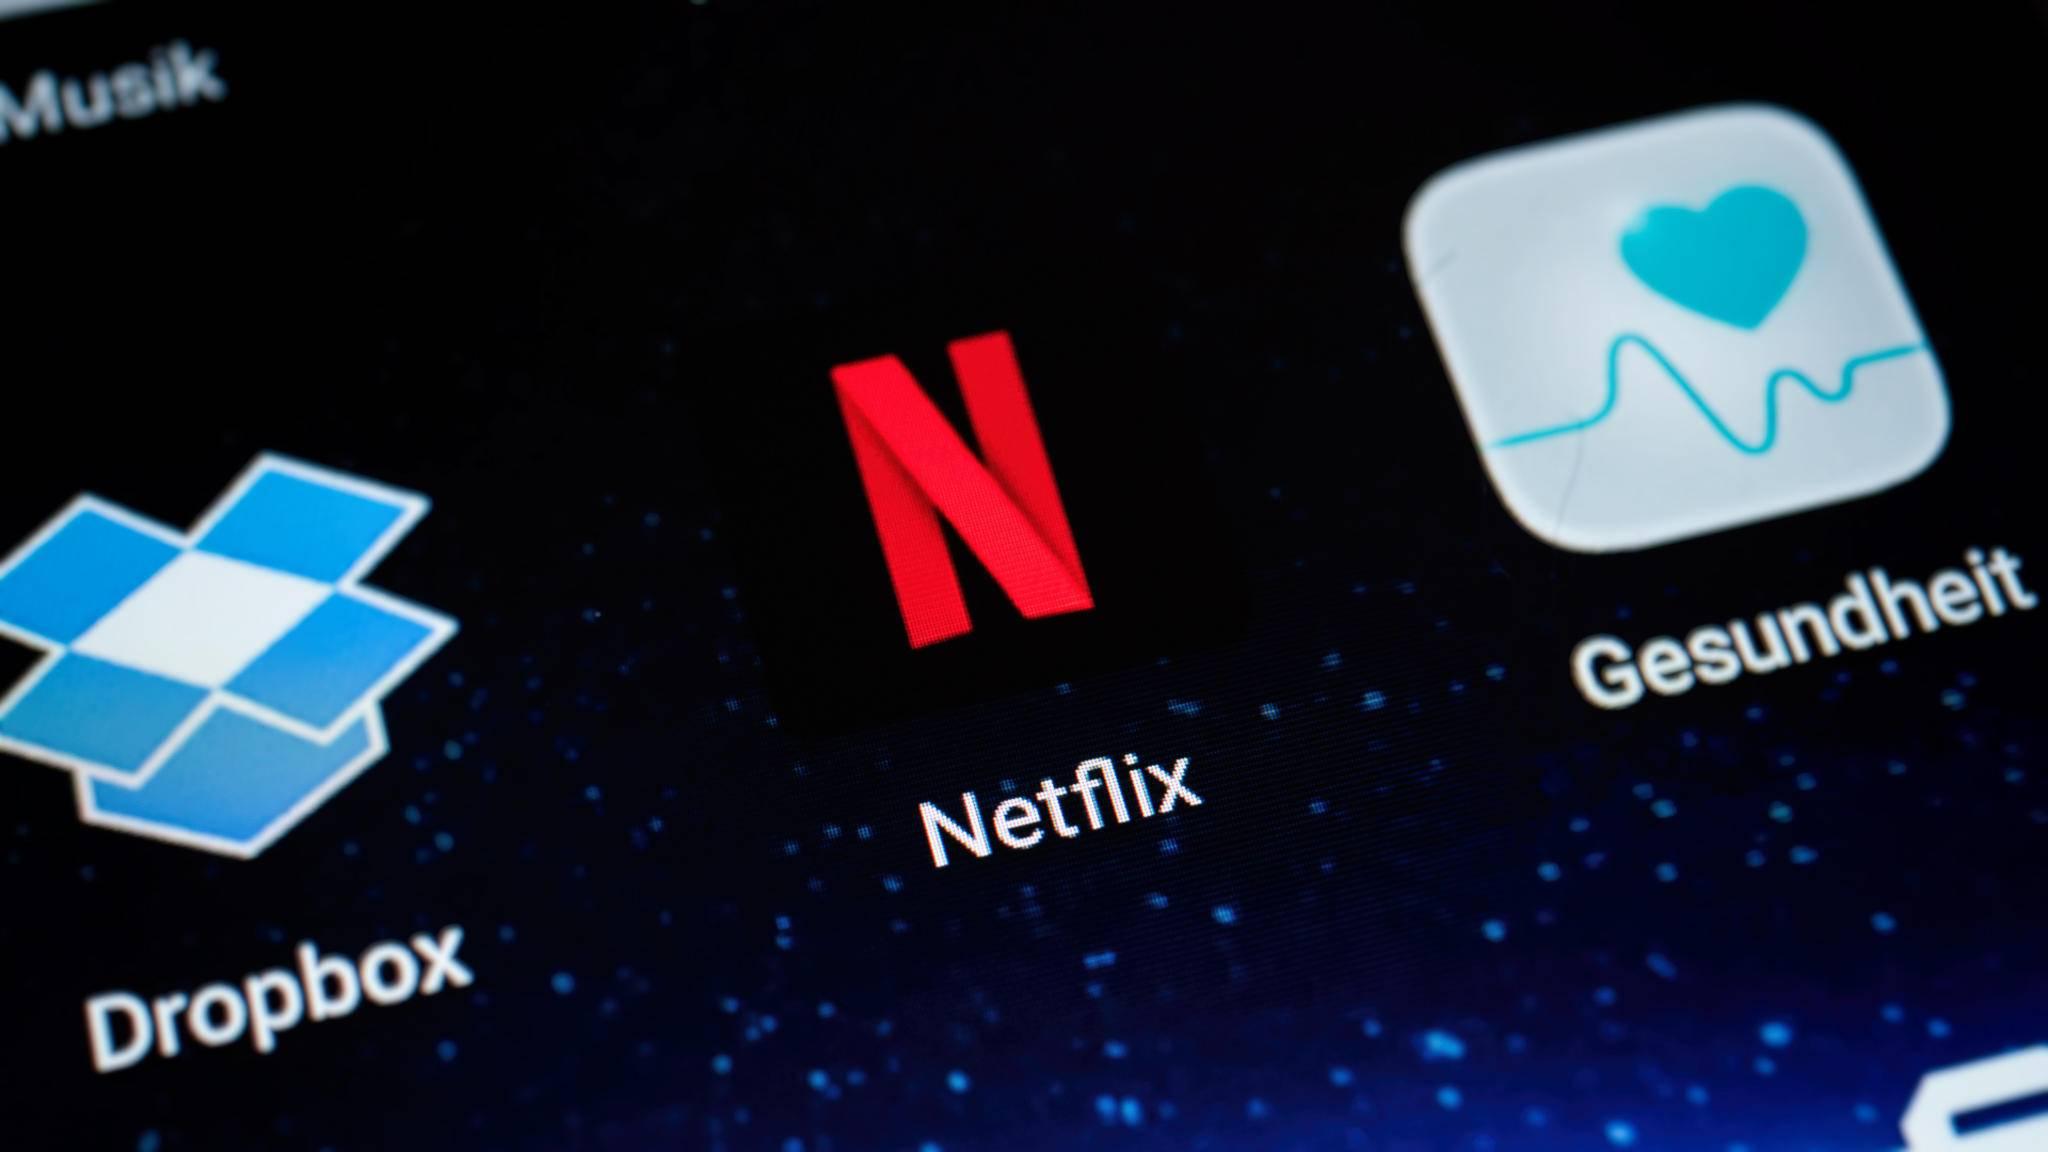 Android-Nutzer können in naher Zukunft mit einem Update für die Netflix-App rechnen.